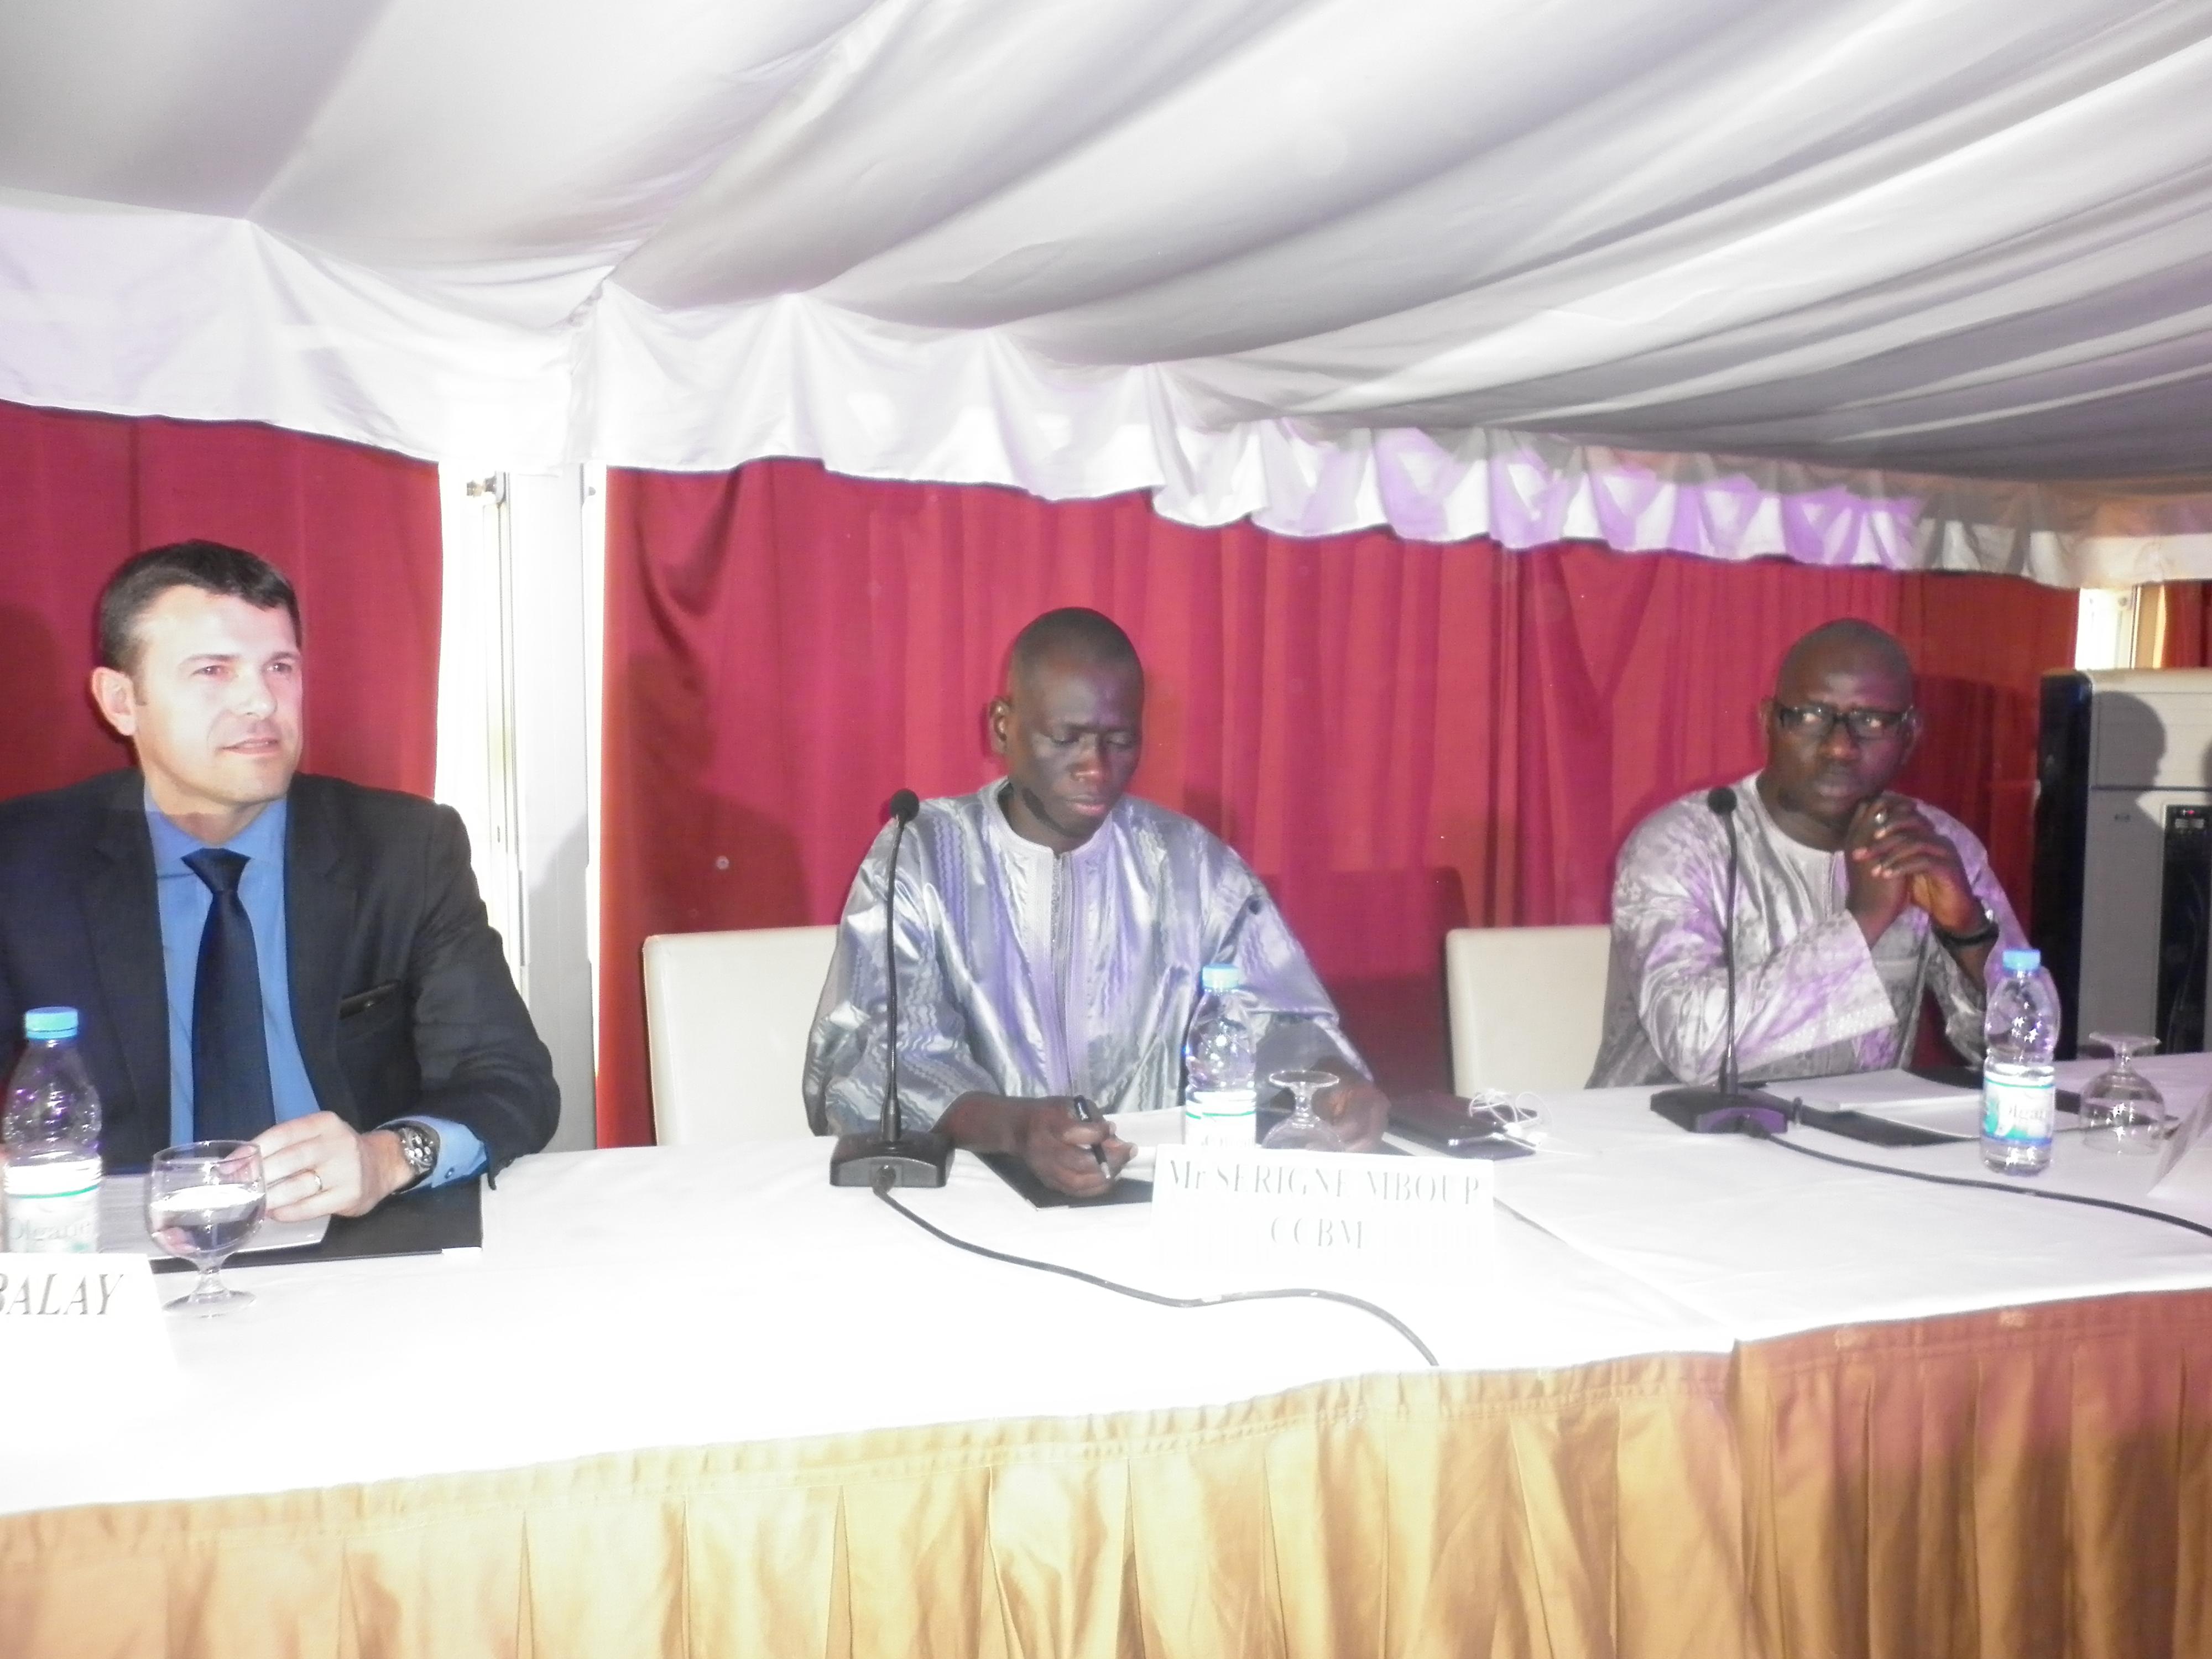 De gauche à droite, Frédéric Ballet de la société Archos, Serigne Mboup, PDG du groupe CCBM et Issa Ndiaye, Directeur de NetCall Africa